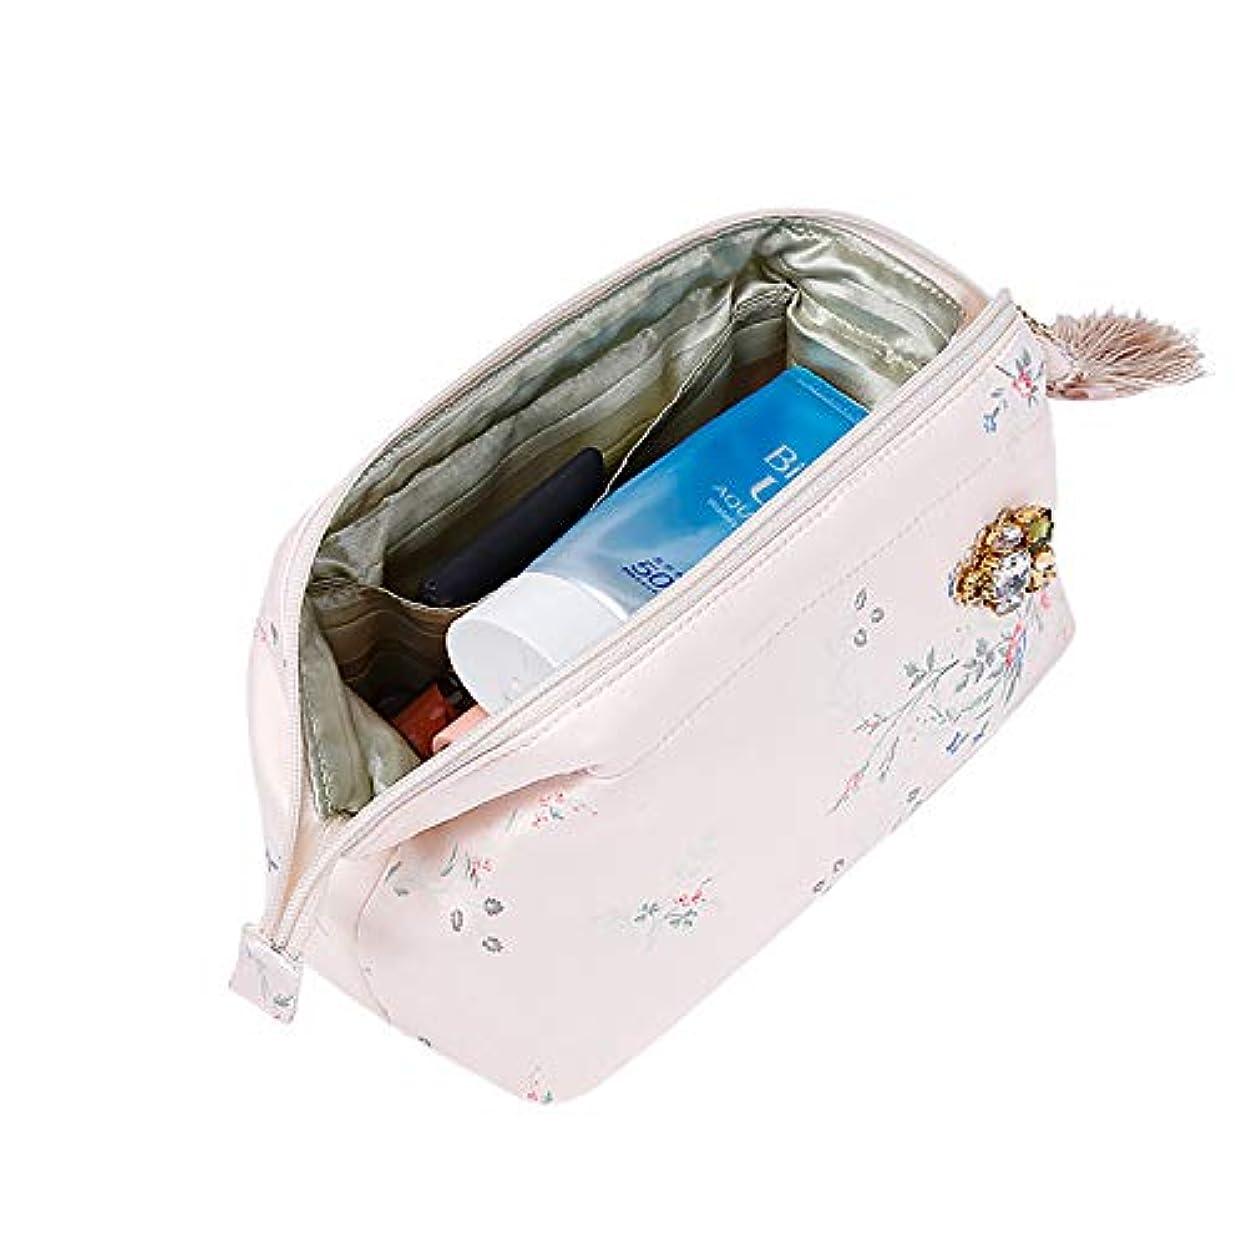 優勢フィヨルド半島Rownyeon 上質 メイクポーチ 大容量 花柄 化粧ポーチ コスメポーチ ブラシいれ付き 携帯用 和風 ピンク おしゃれ 可愛い 機能的 バニティポーチ プレゼント